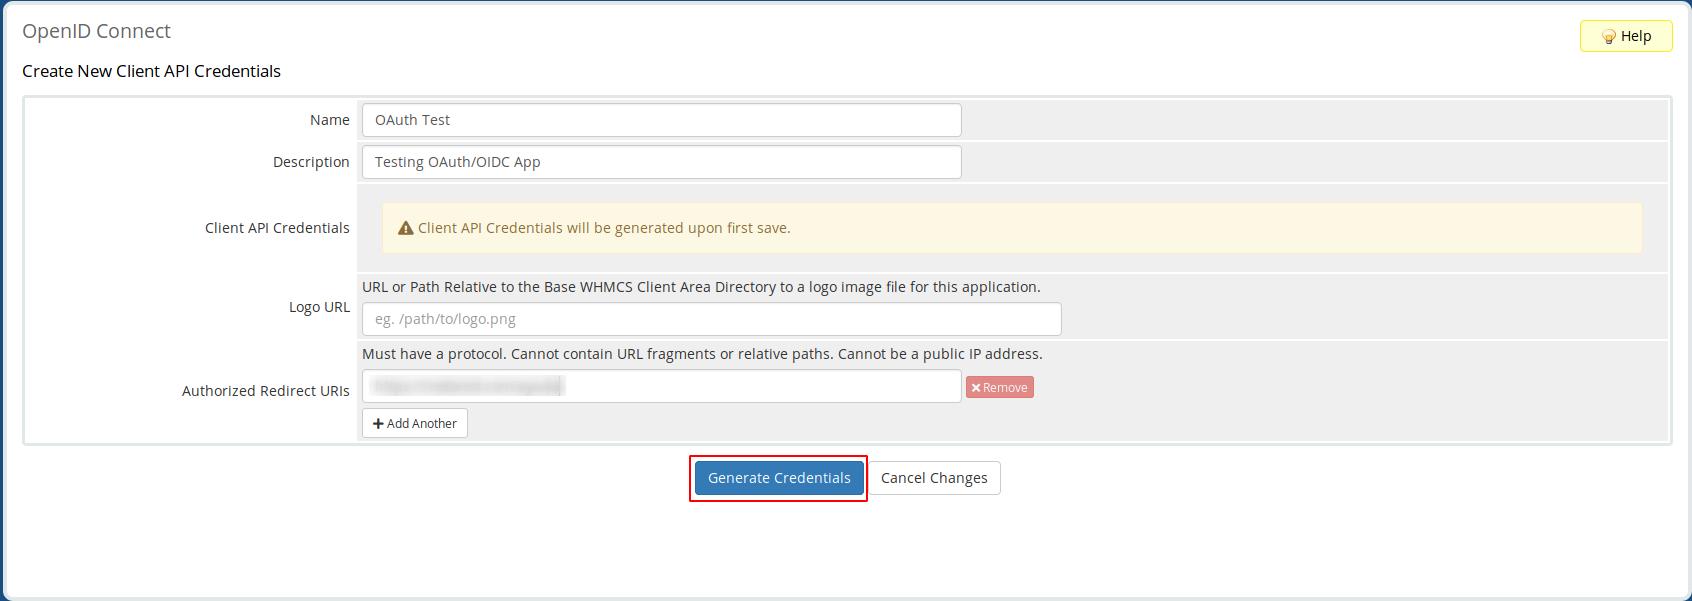 Configure New Client